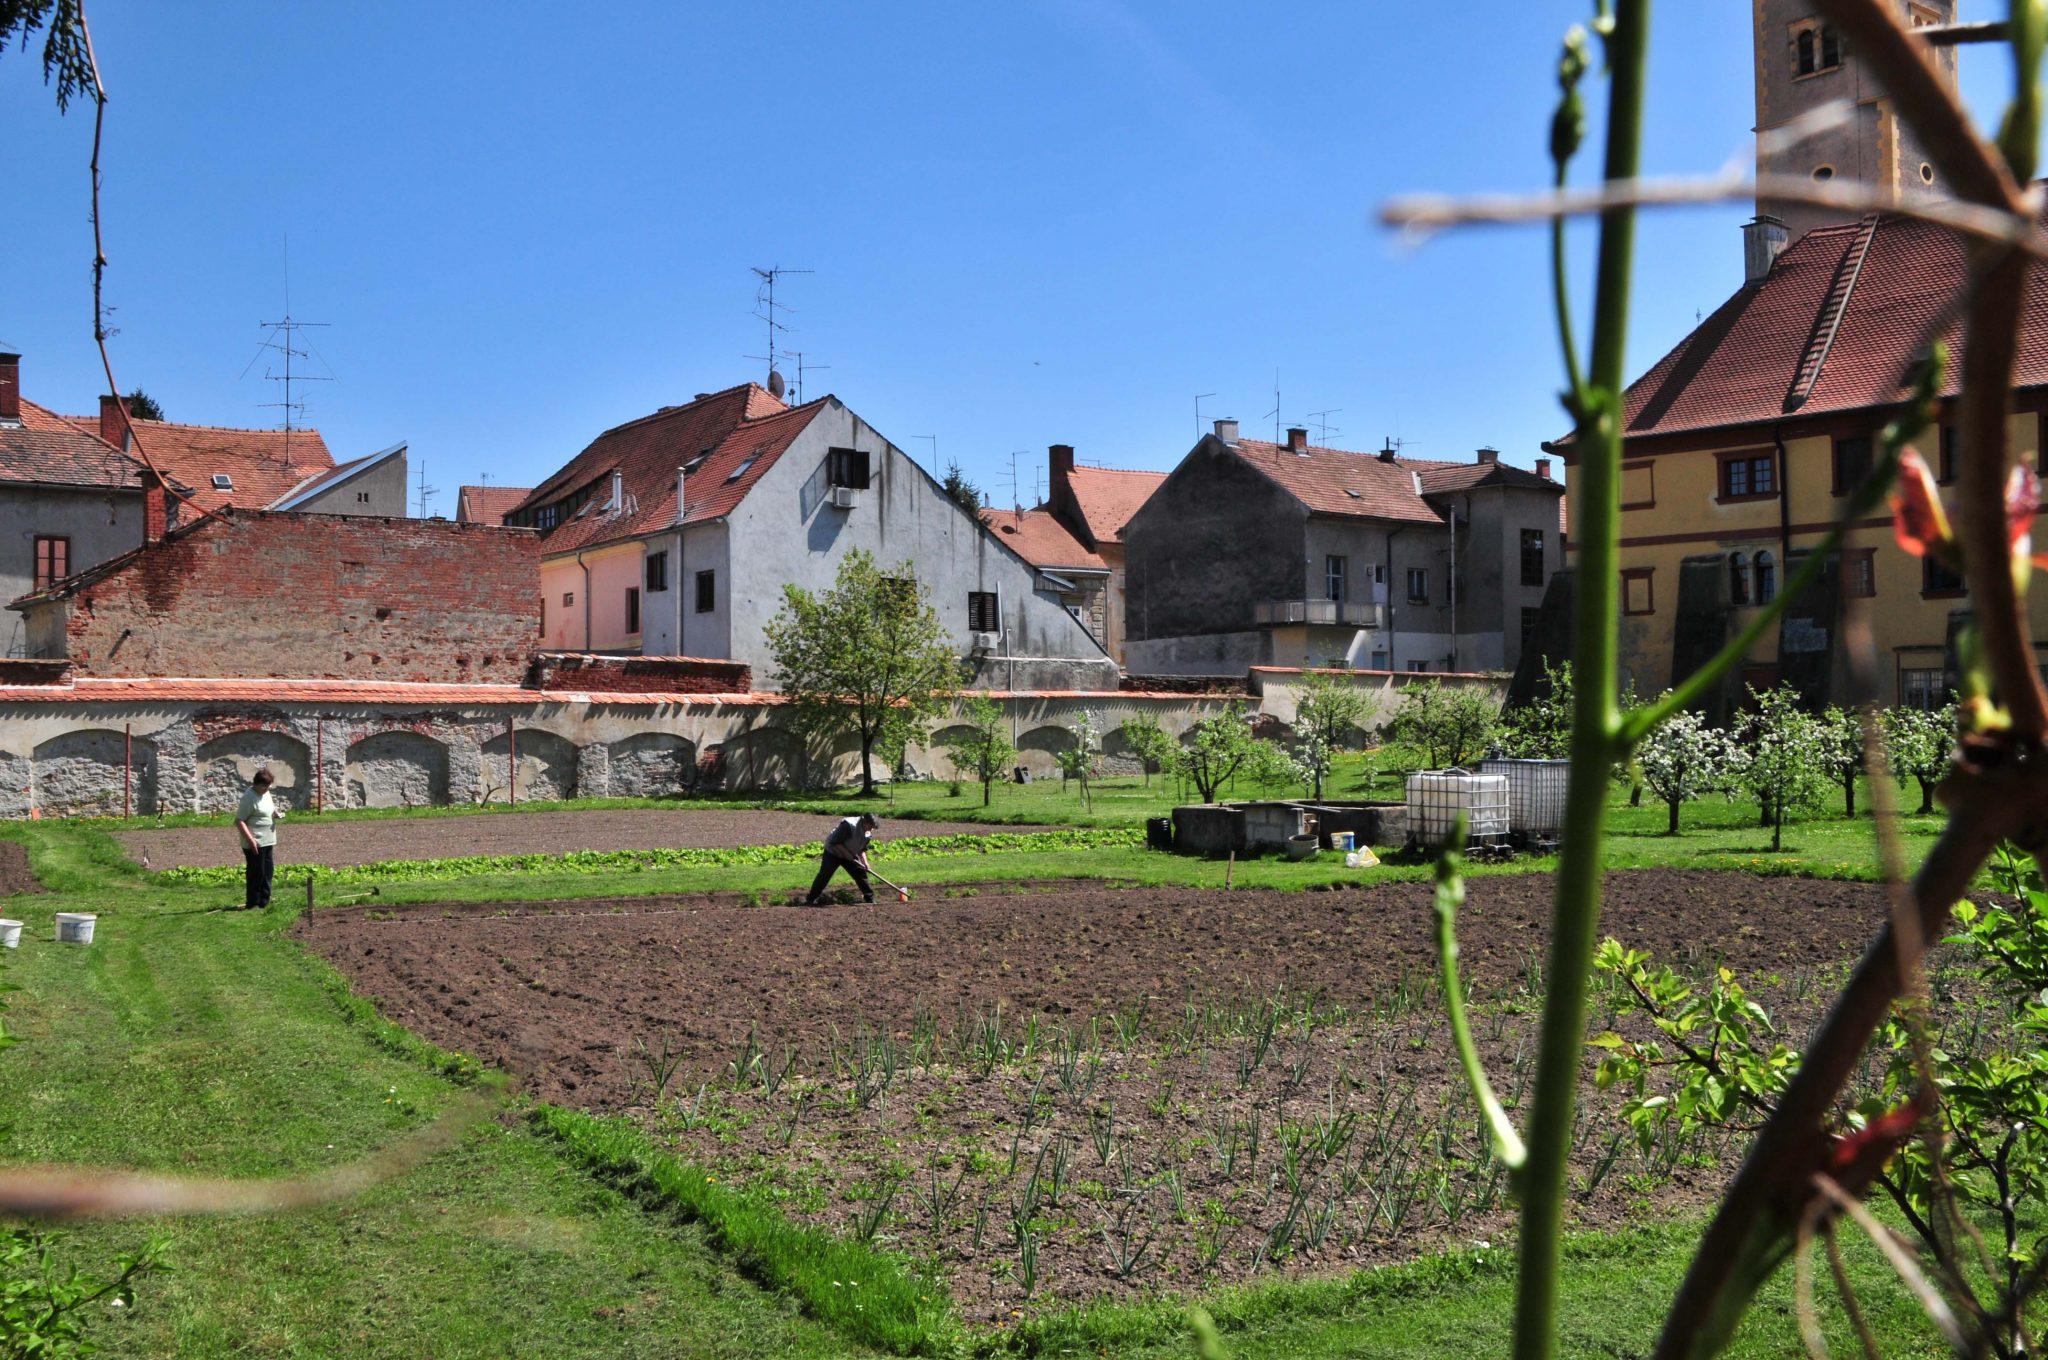 Gemüsegarten im Hinterhof des Ursulinenklosters von Varazdin.